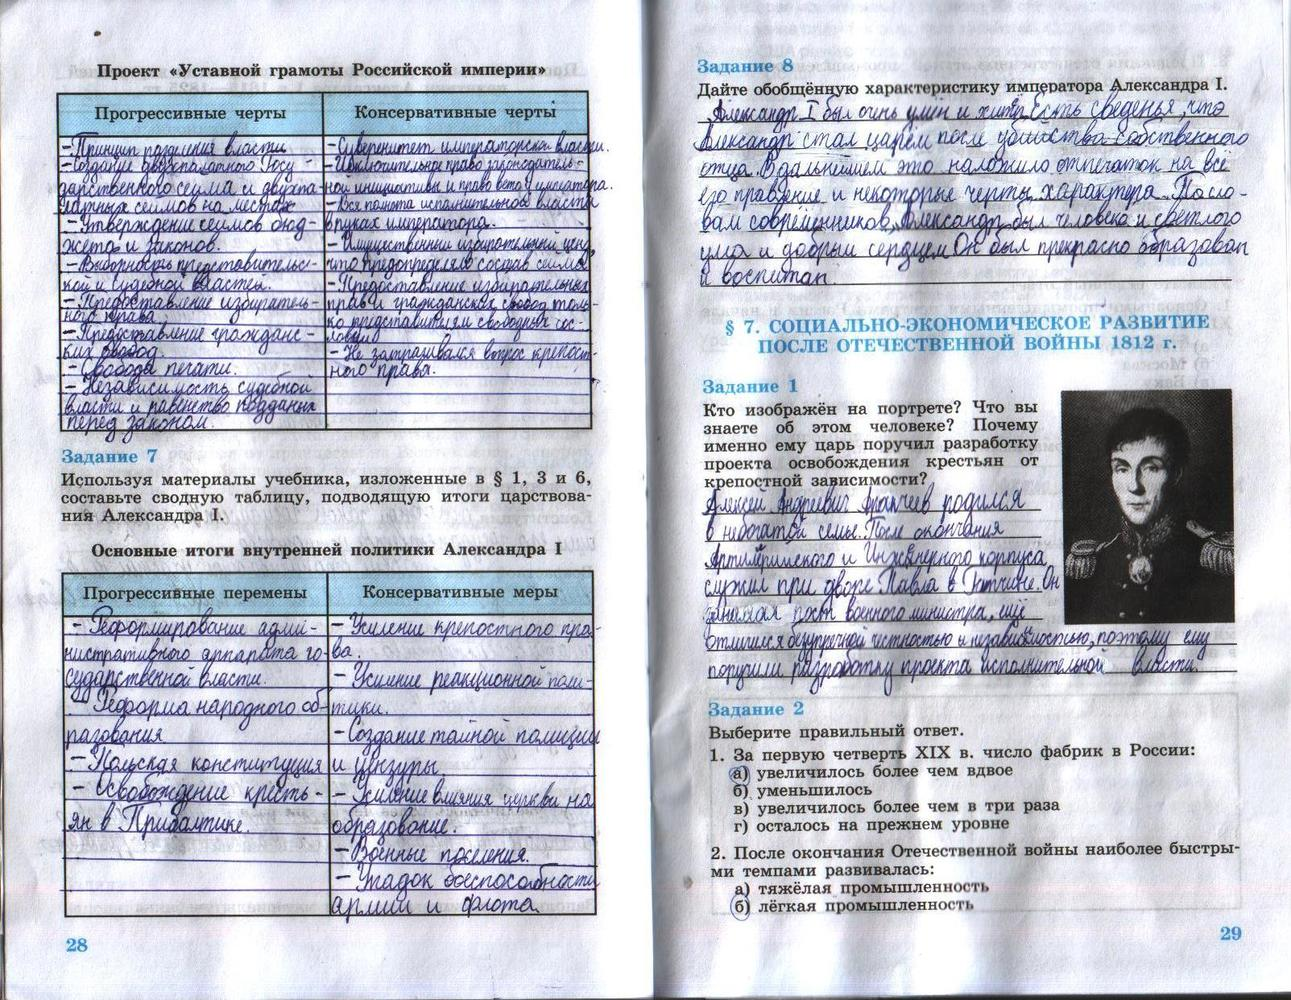 Гдз По Истории России 8 Класса Рабочая Тетрадь Данилов 2 Часть